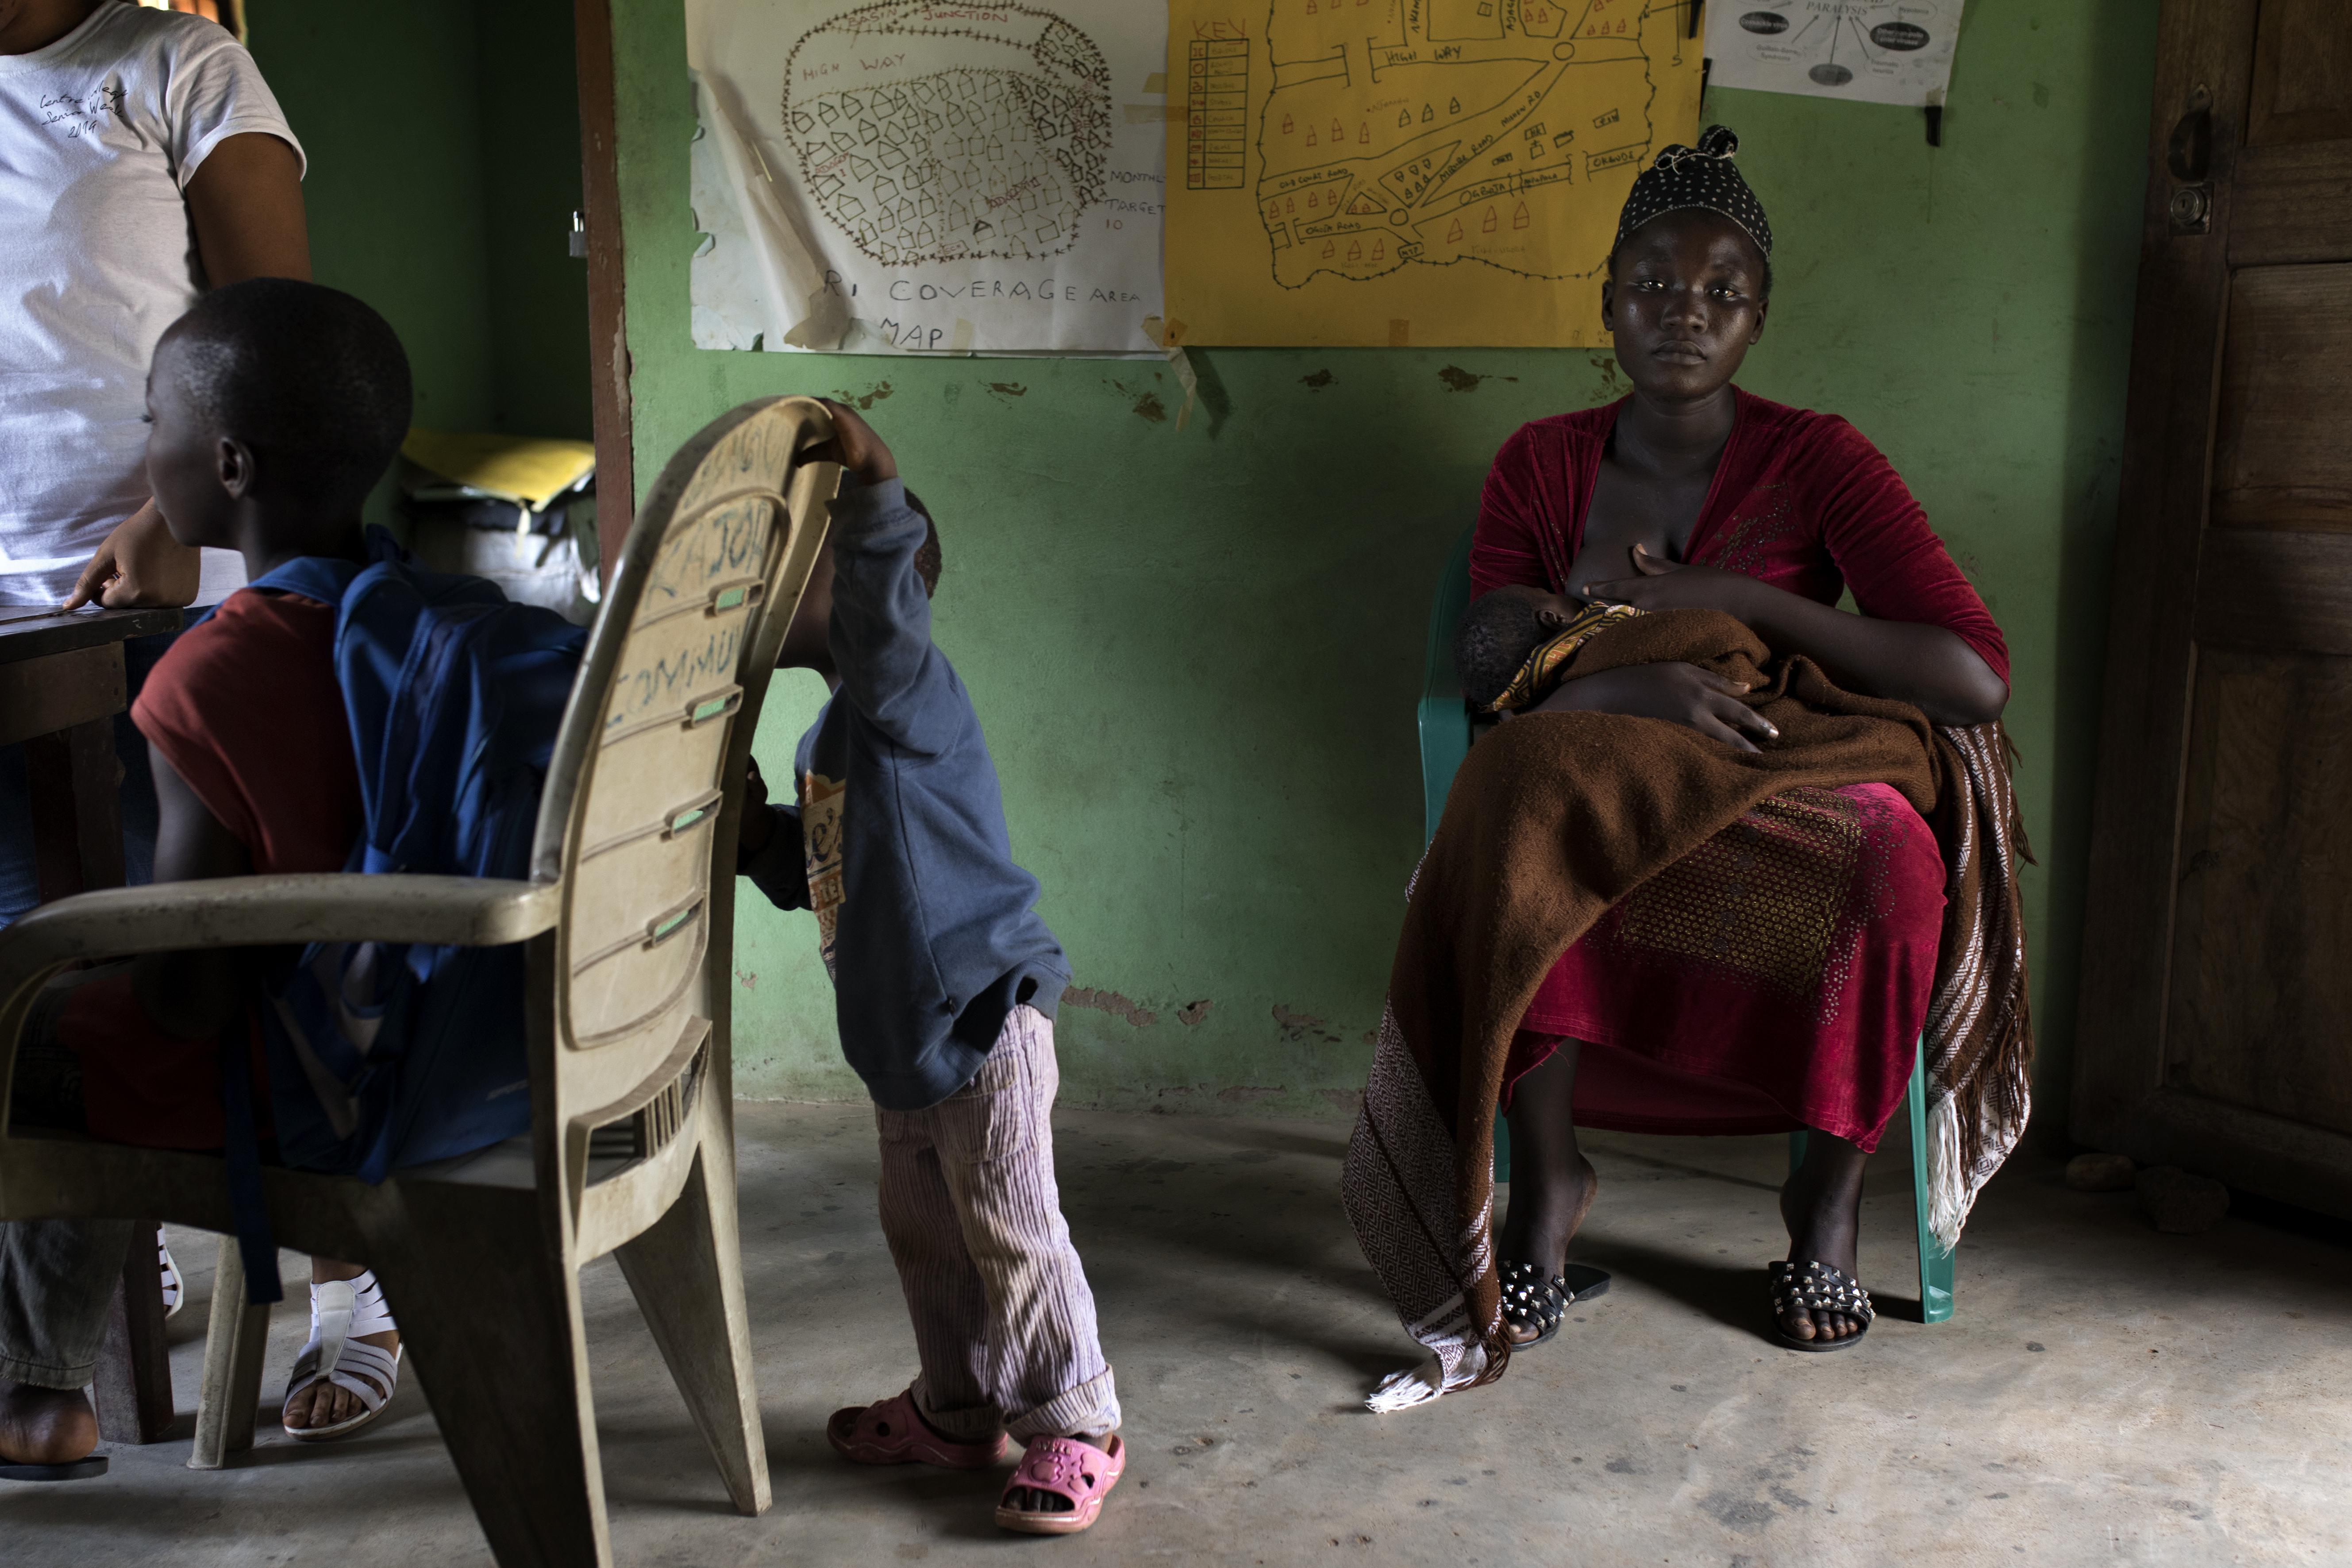 O pediatra Alexandre Bublitz fala sobre suas primeiras impressões na Nigéria